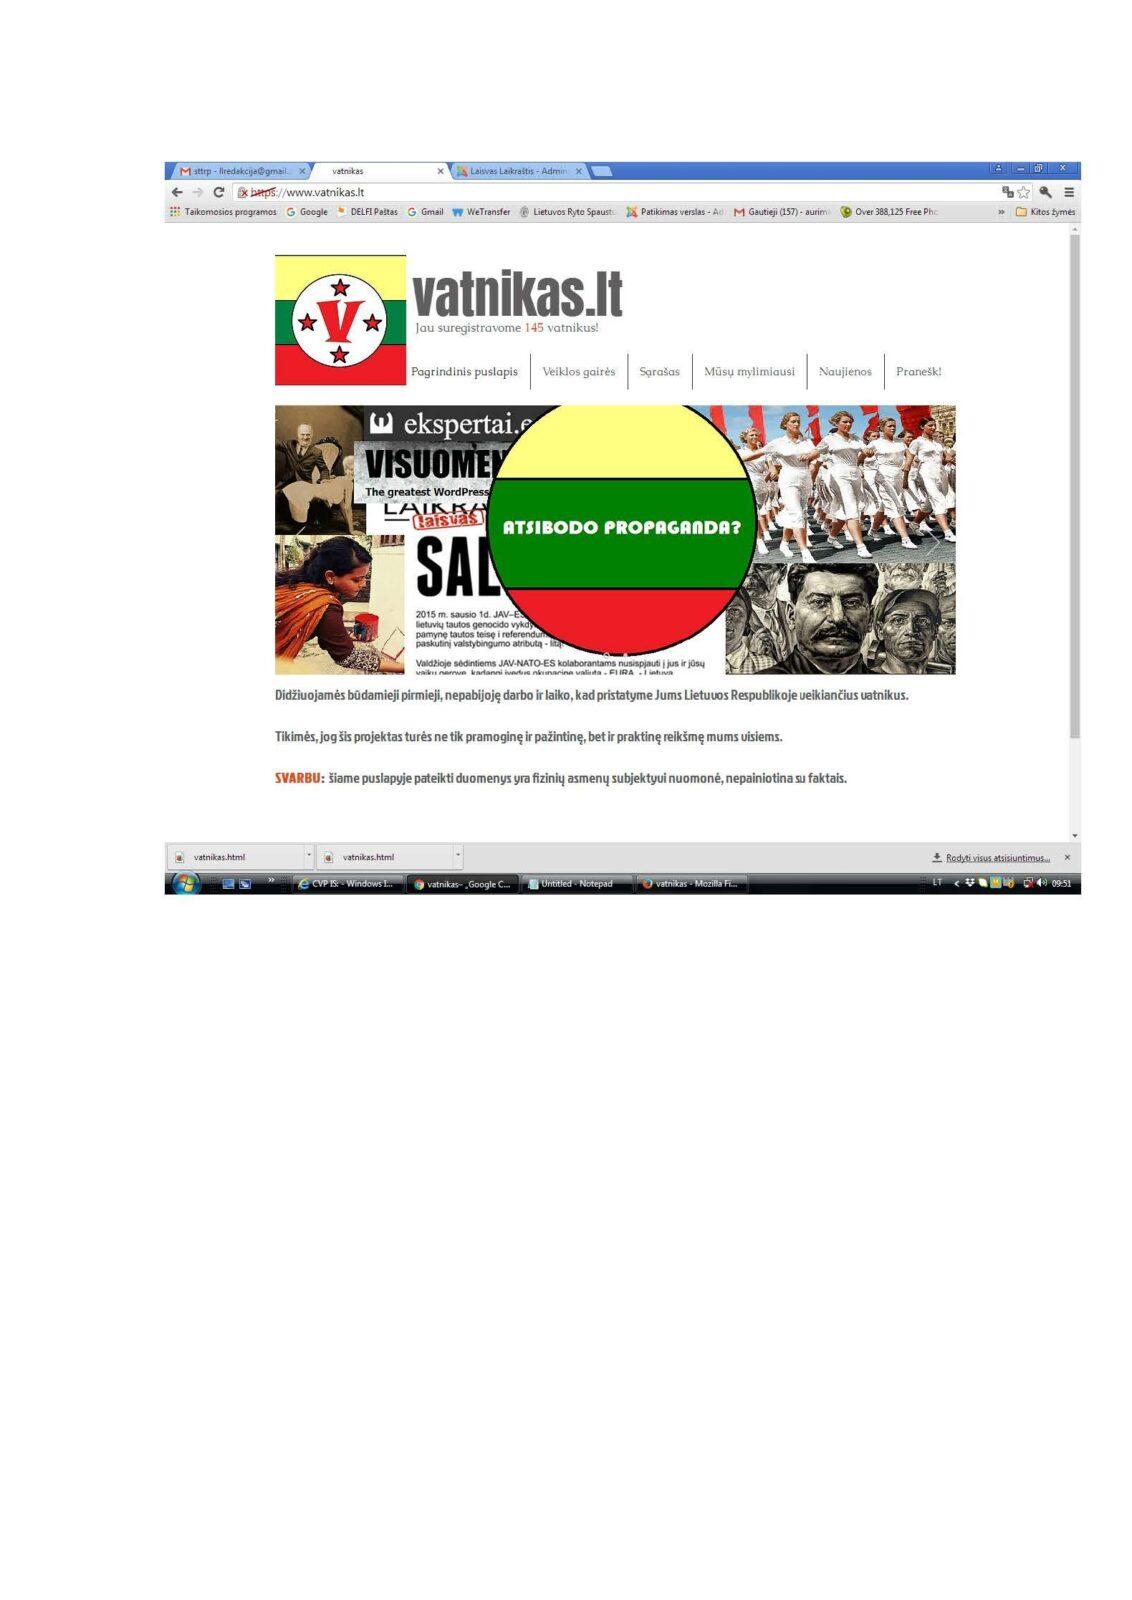 """Jau pradėti sudarinėti """"Lietuvos priešų"""" sąrašai. Tarp priešų yra ir """"Laisvas laikraštis"""" ir ekspertai.eu"""